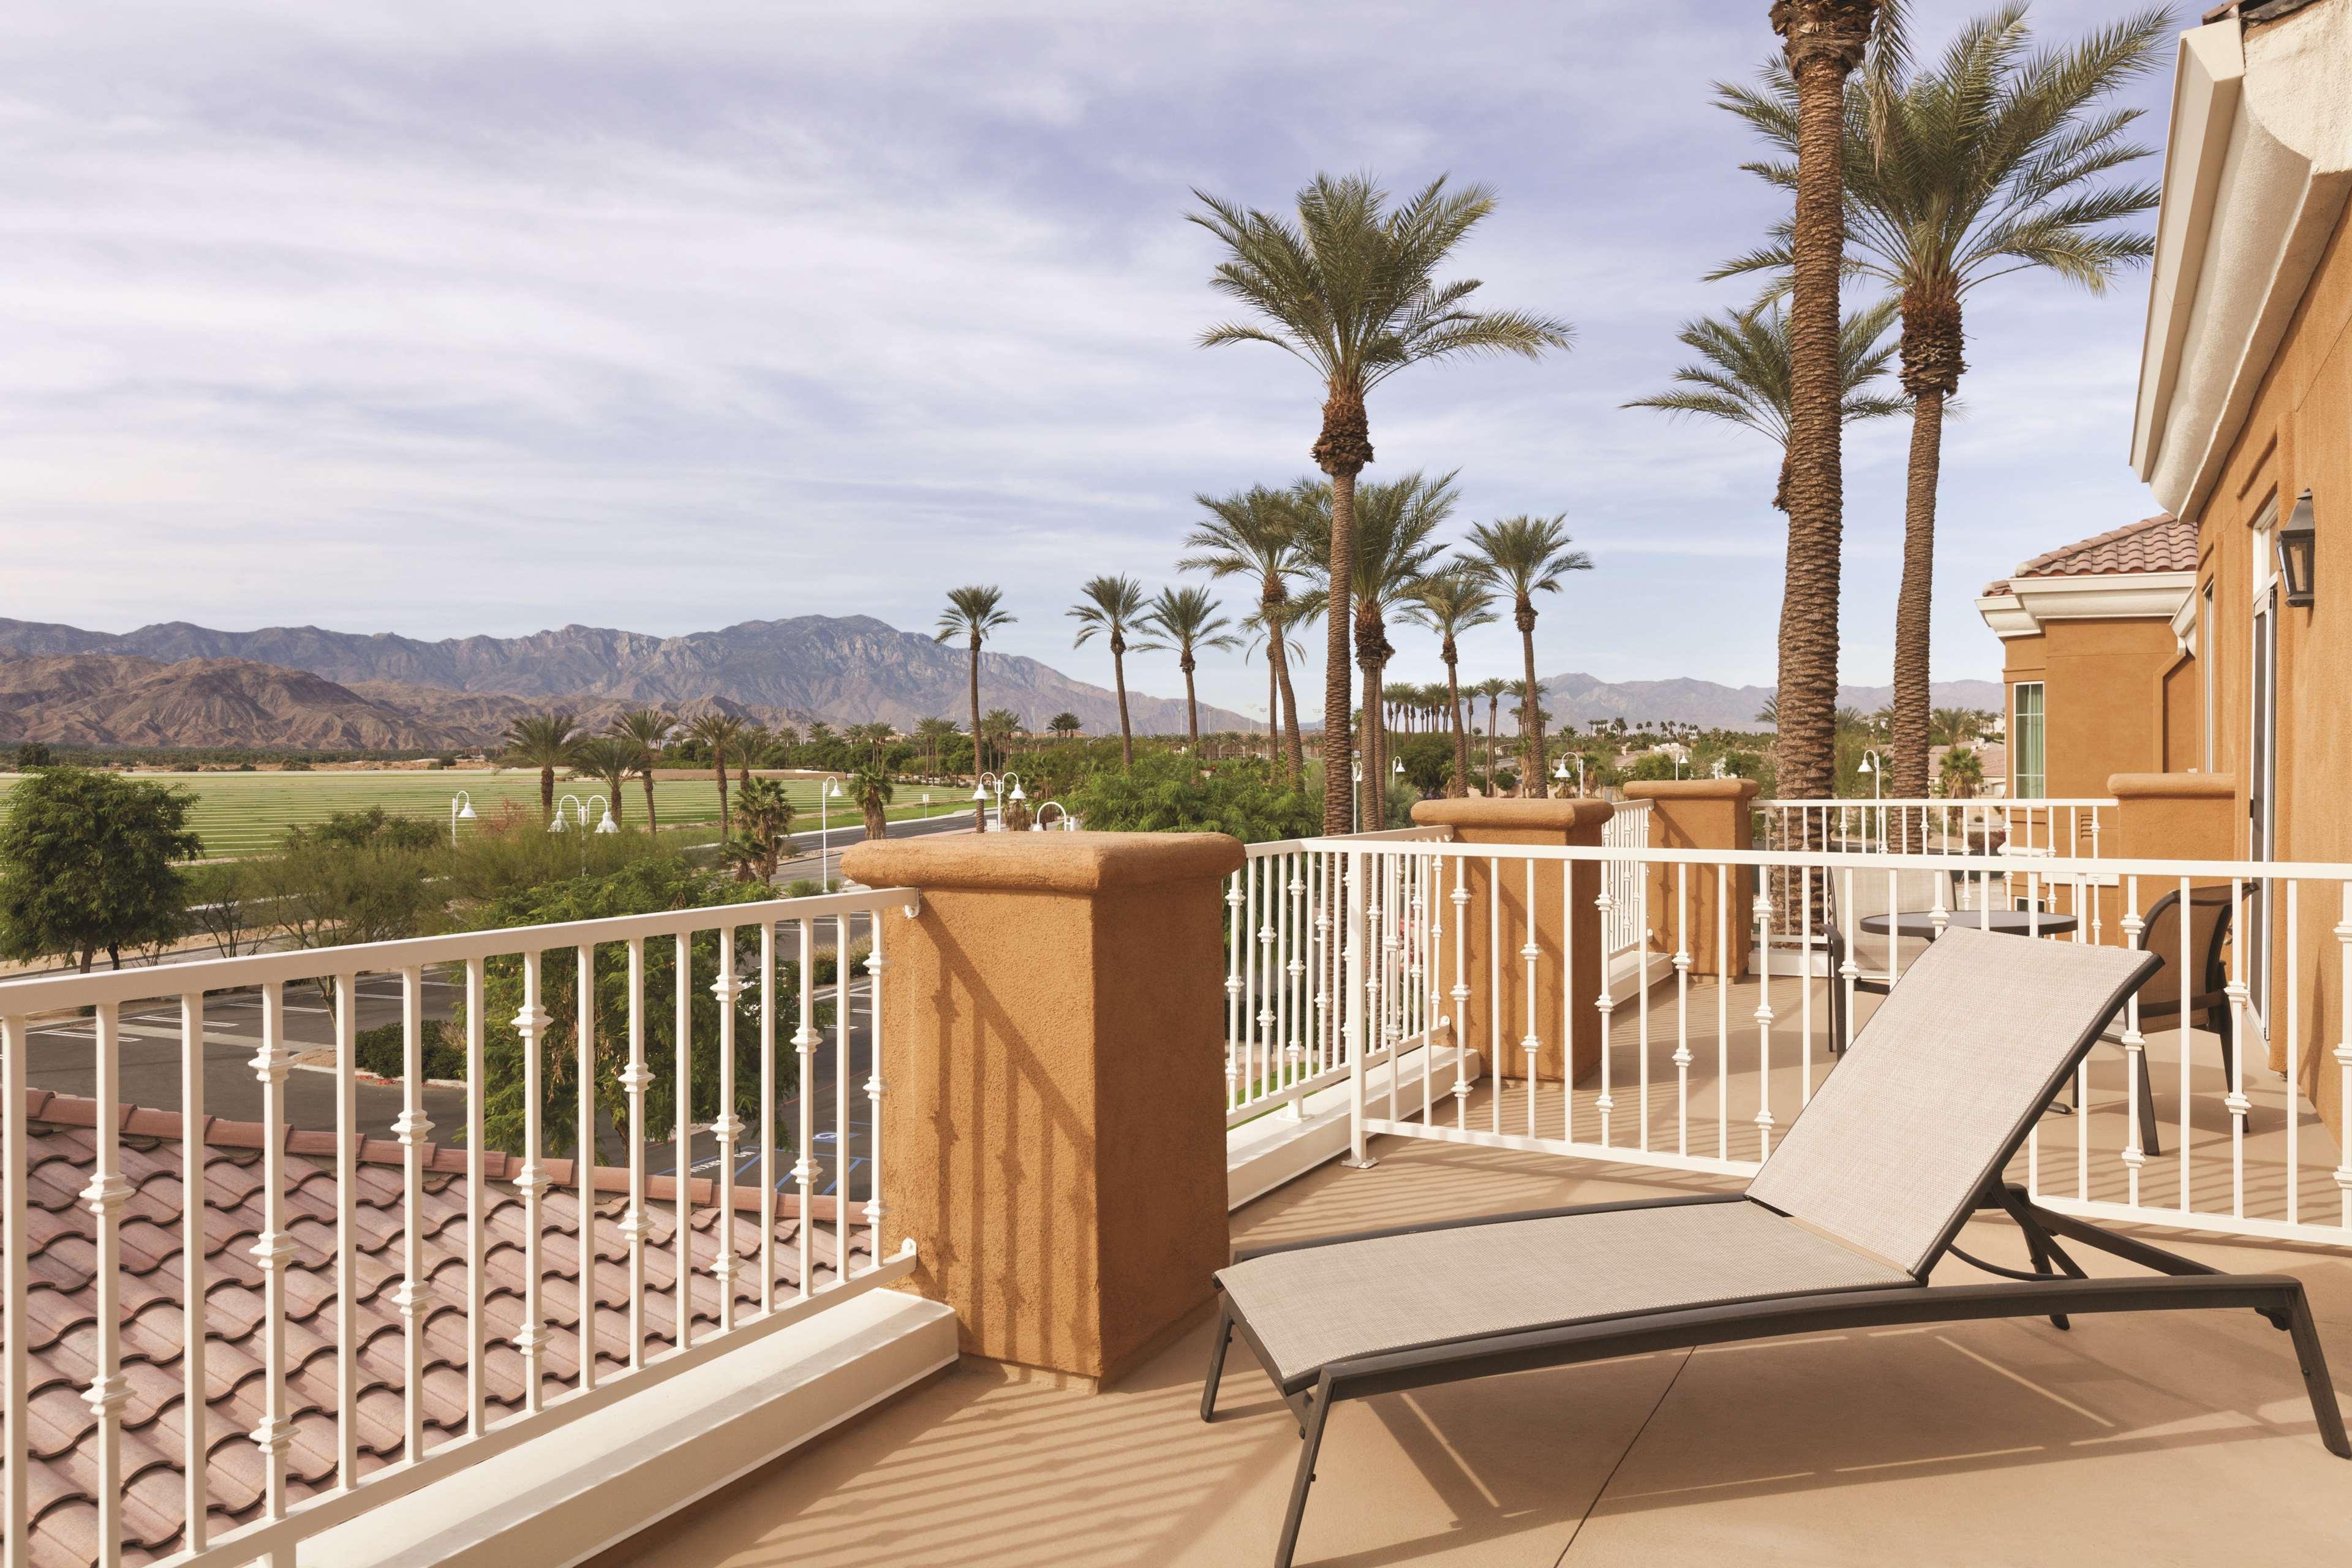 Homewood Suites by Hilton La Quinta image 23